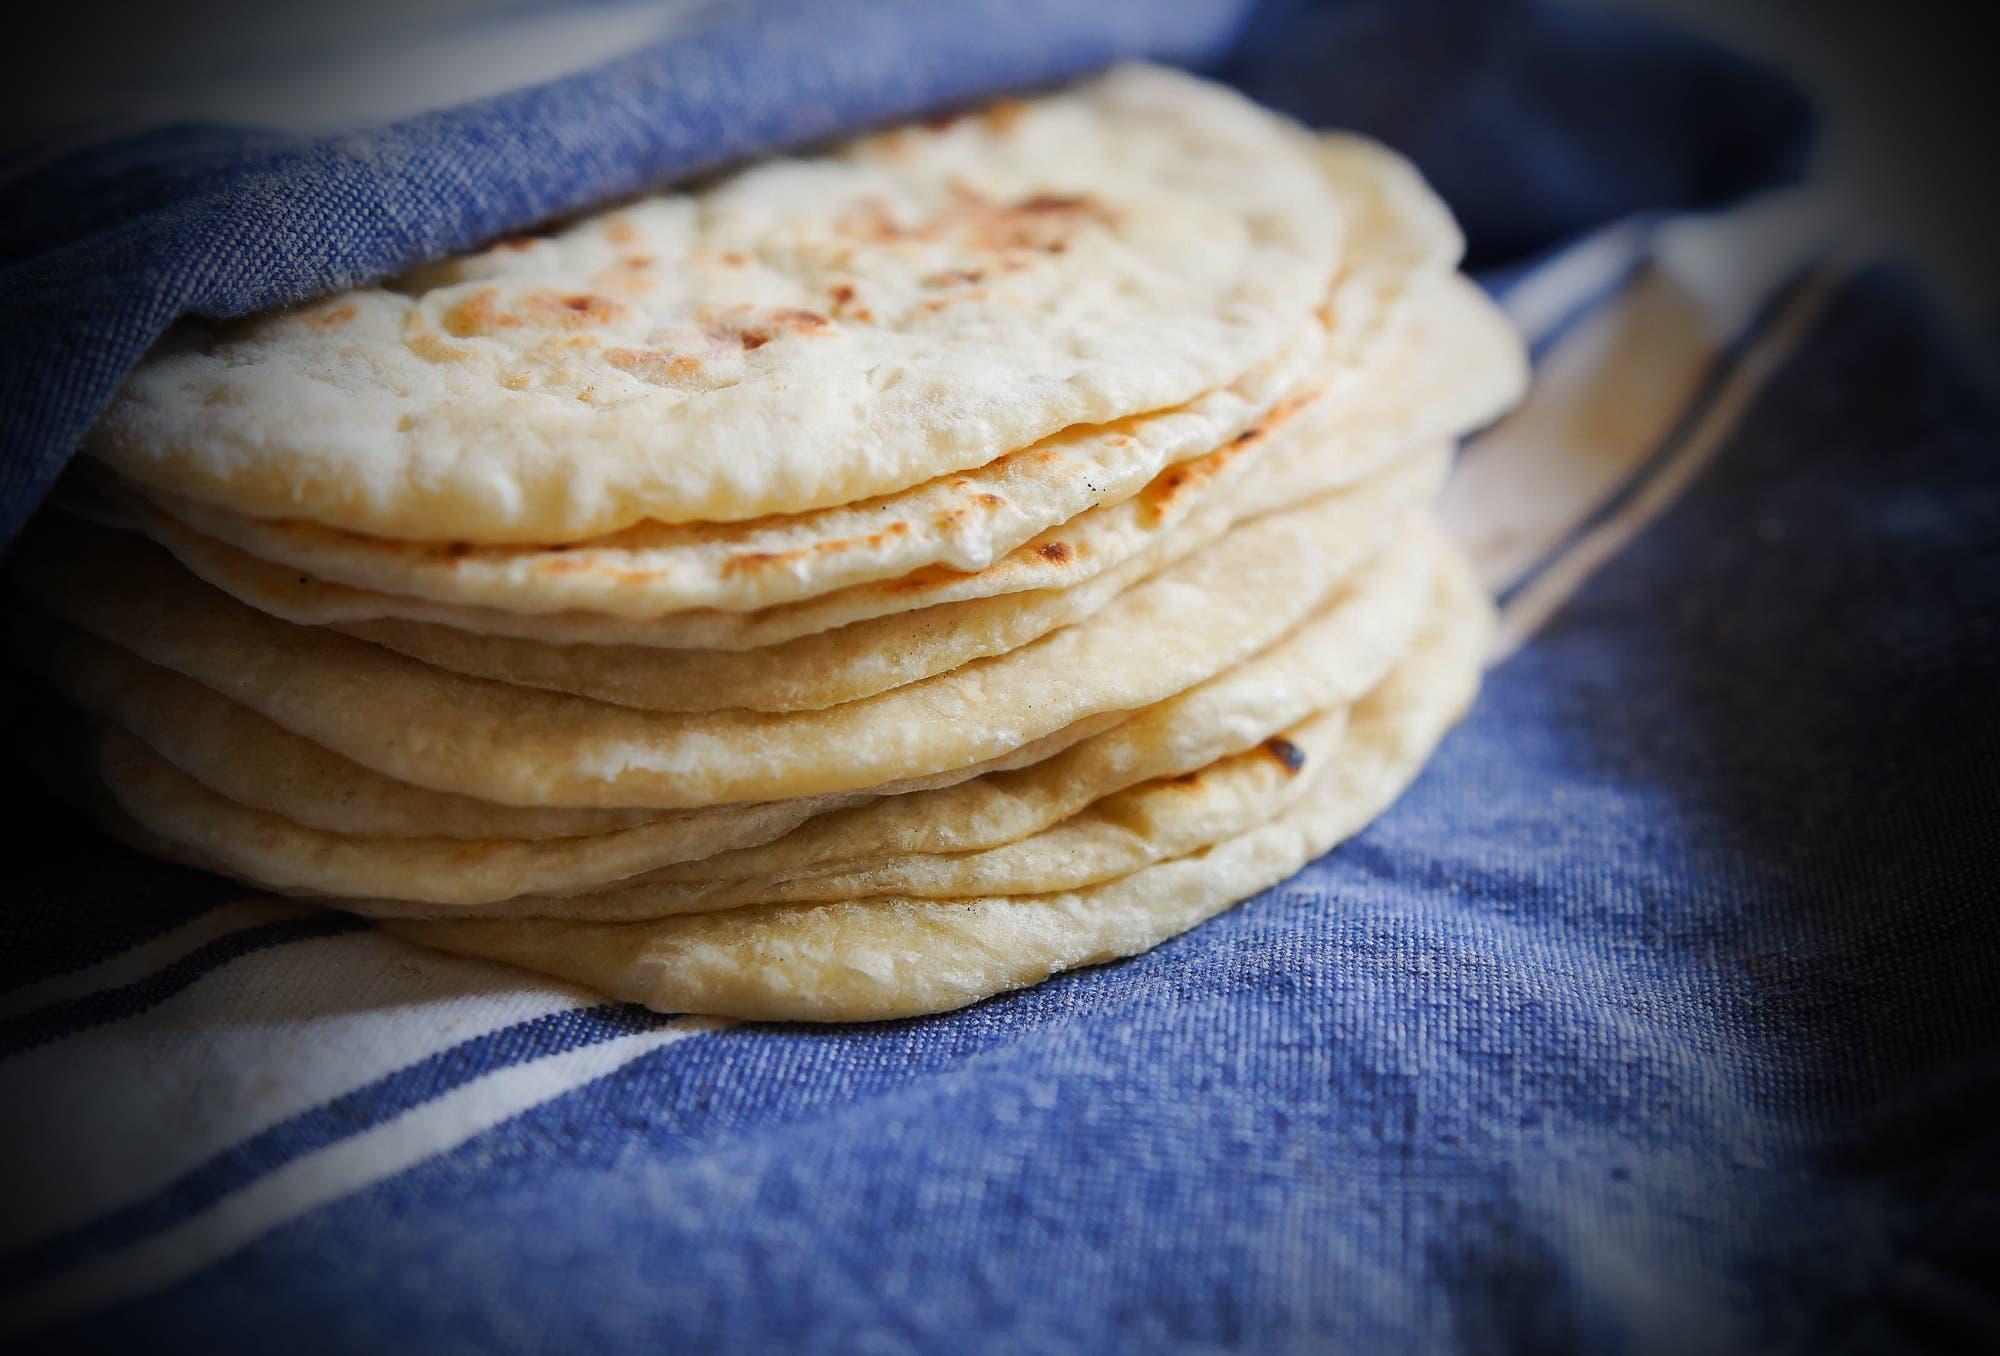 ¡Aumenta el precio de las tortillas de manera ilegal en varios Estados!